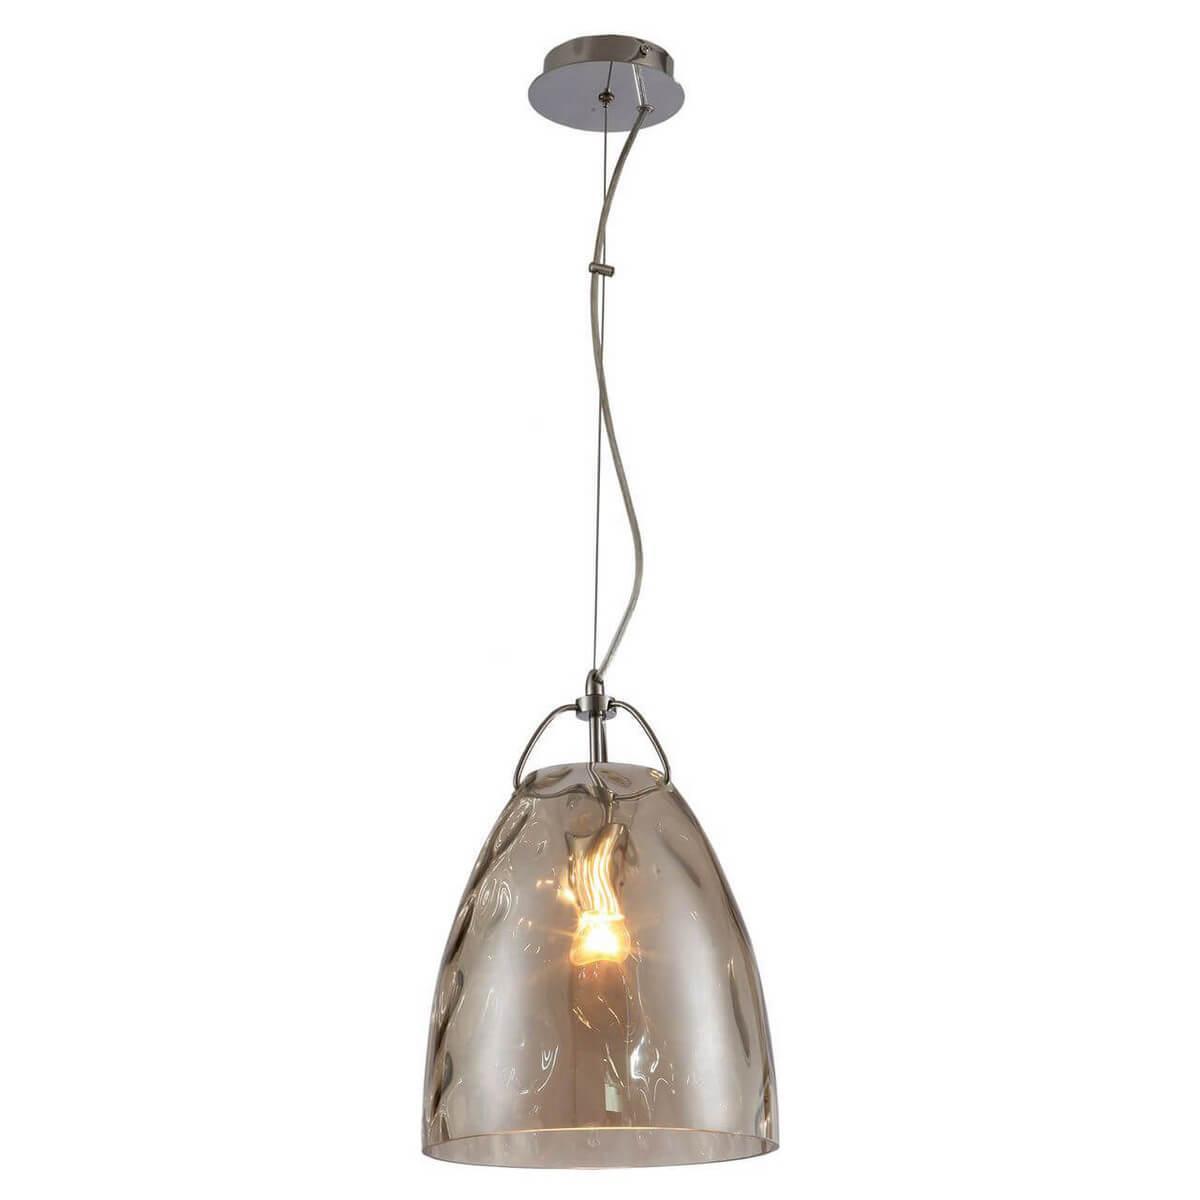 Подвесной светильник Lussole GRLSP-9632, E27, 11 Вт подвесной светильник lussole loft grlsp 9654